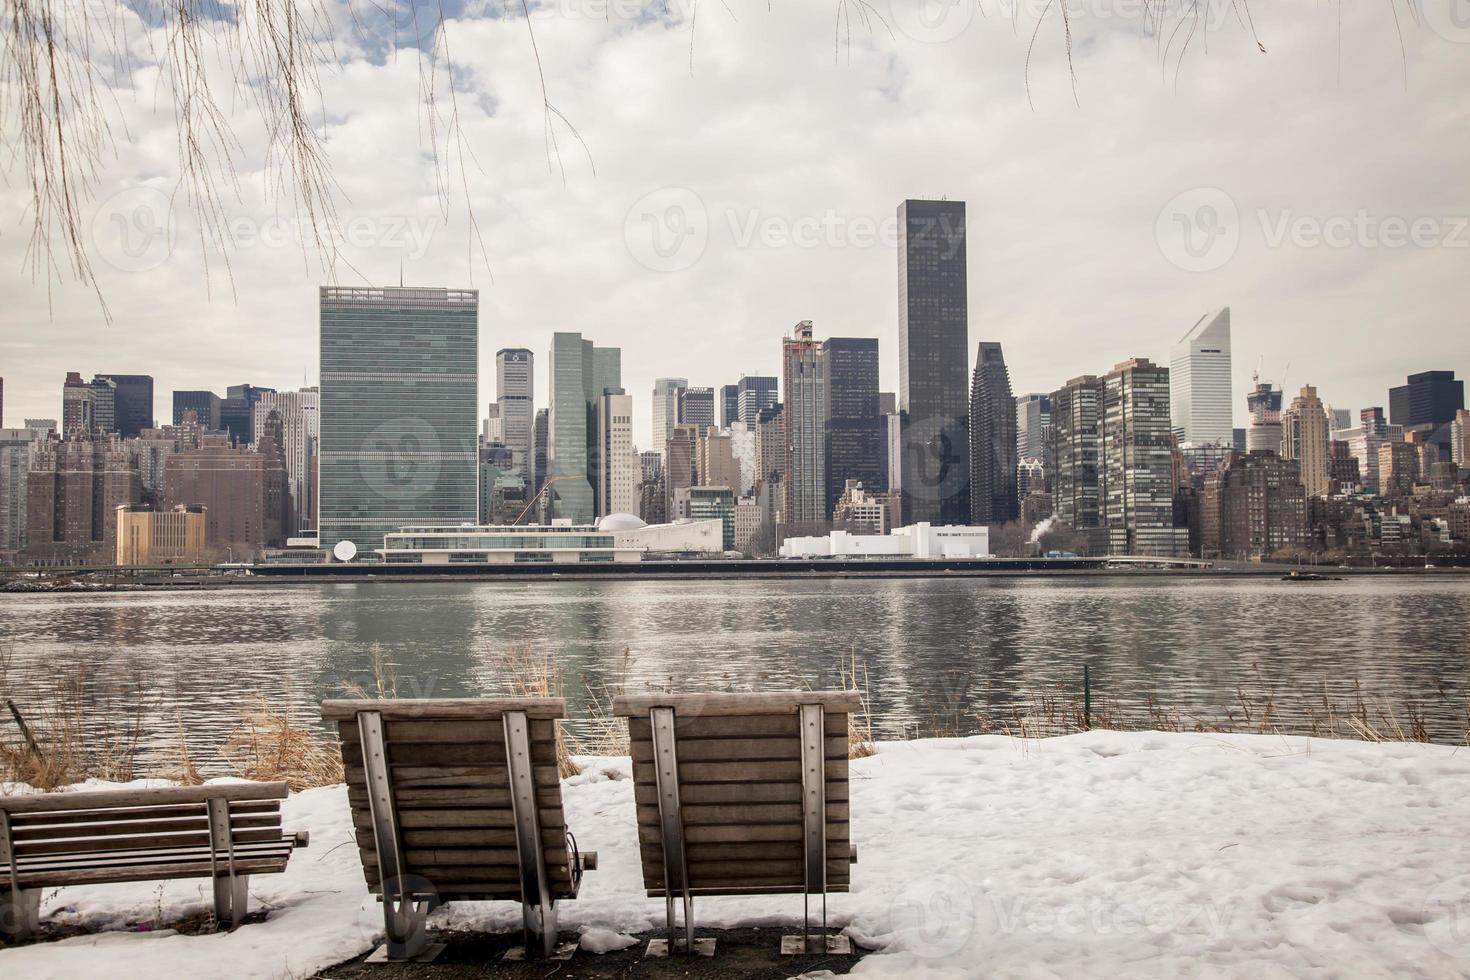 inverno em new york city foto